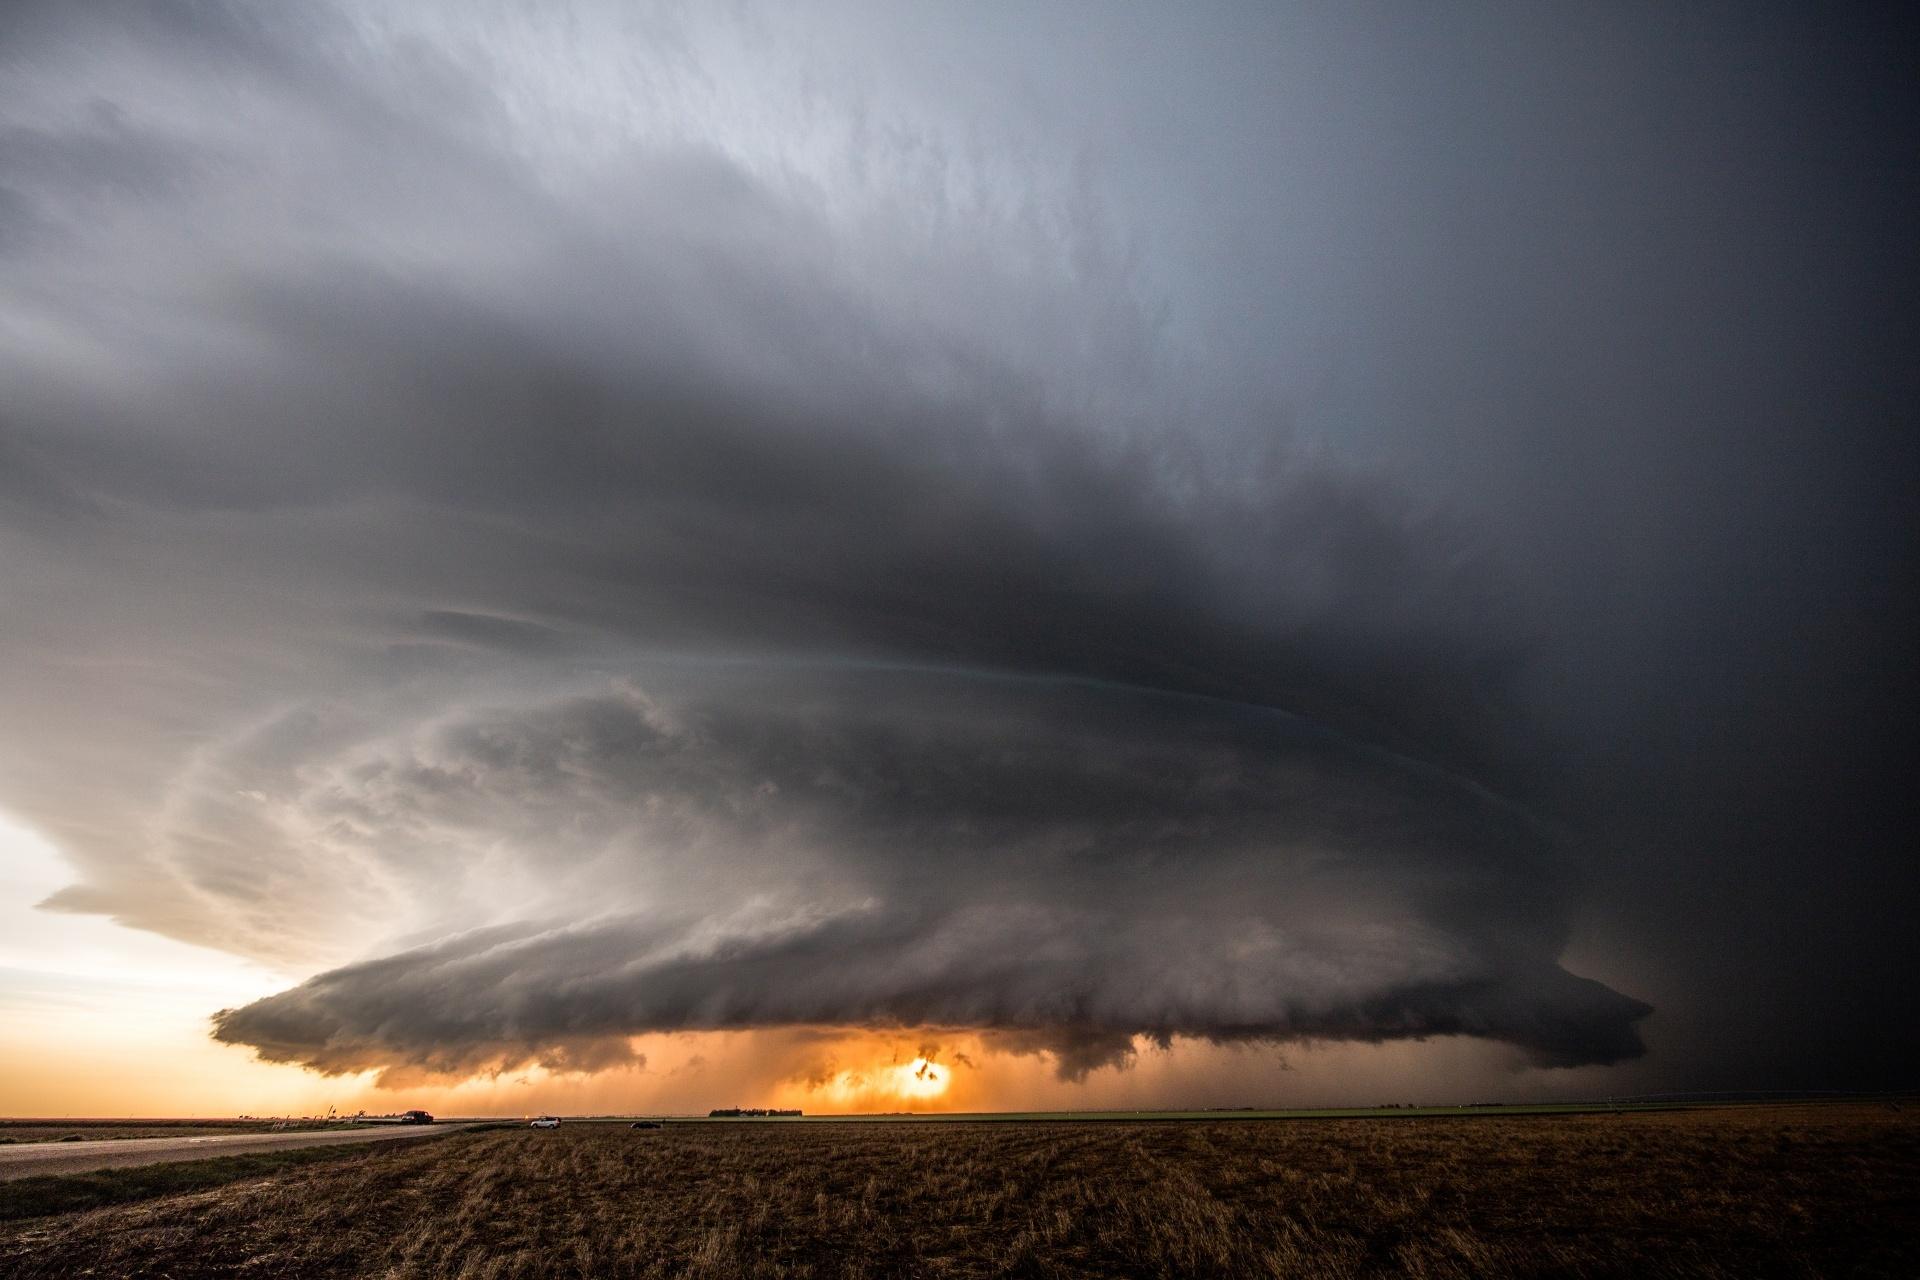 アメリカ カンザス州 嵐の風景